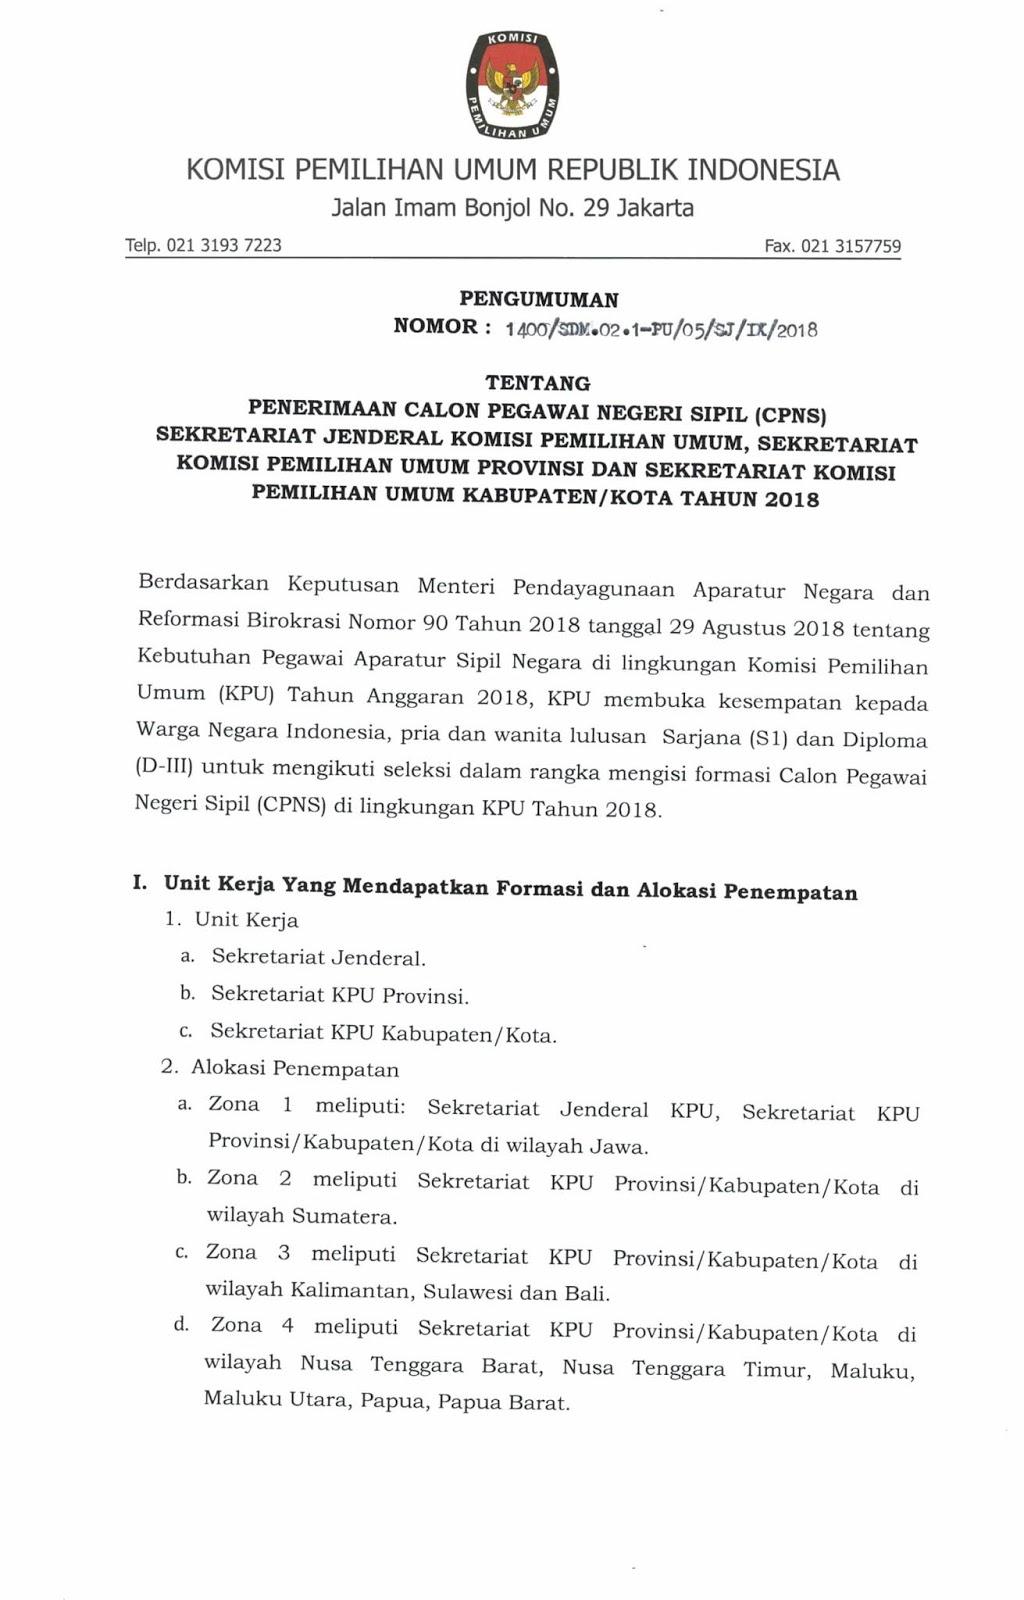 Lowongan Kerja   CPNS Komisi Pemilihan Umum [700 Formasi]  Oktober 2018